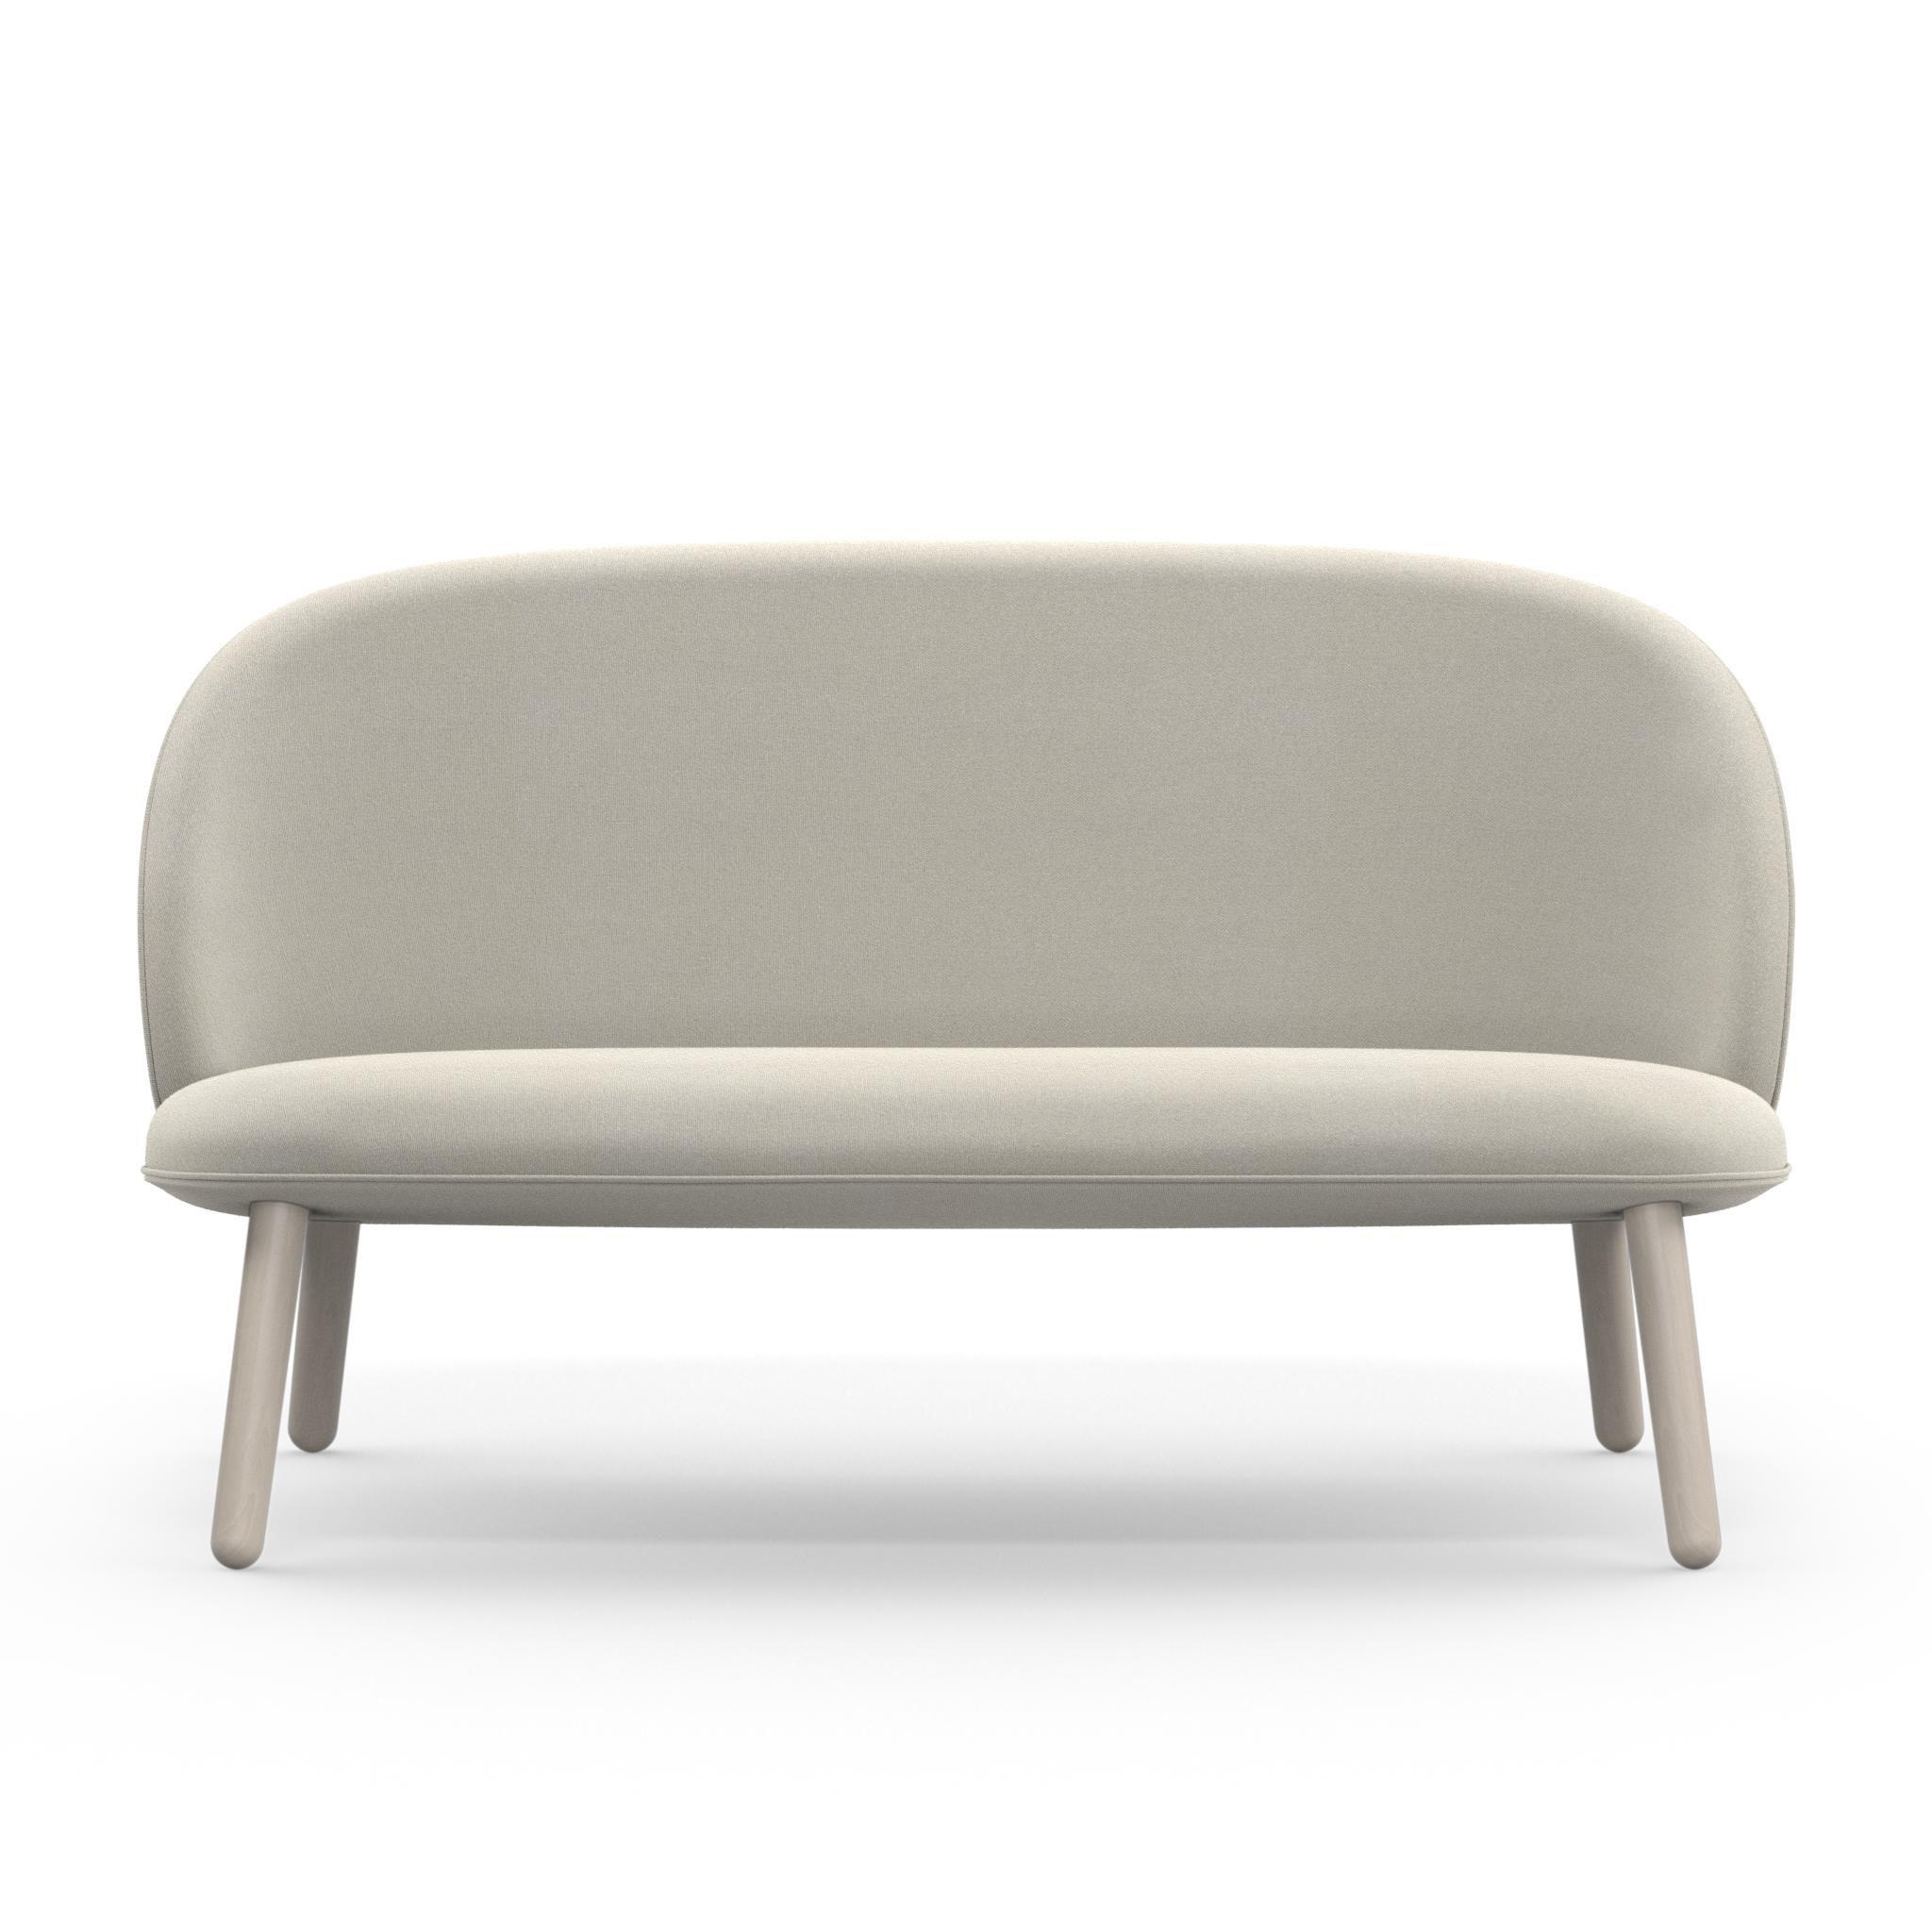 Scopri divano destro ace 2 posti l 145 cm tessuto for Divano 2 posti 140 cm